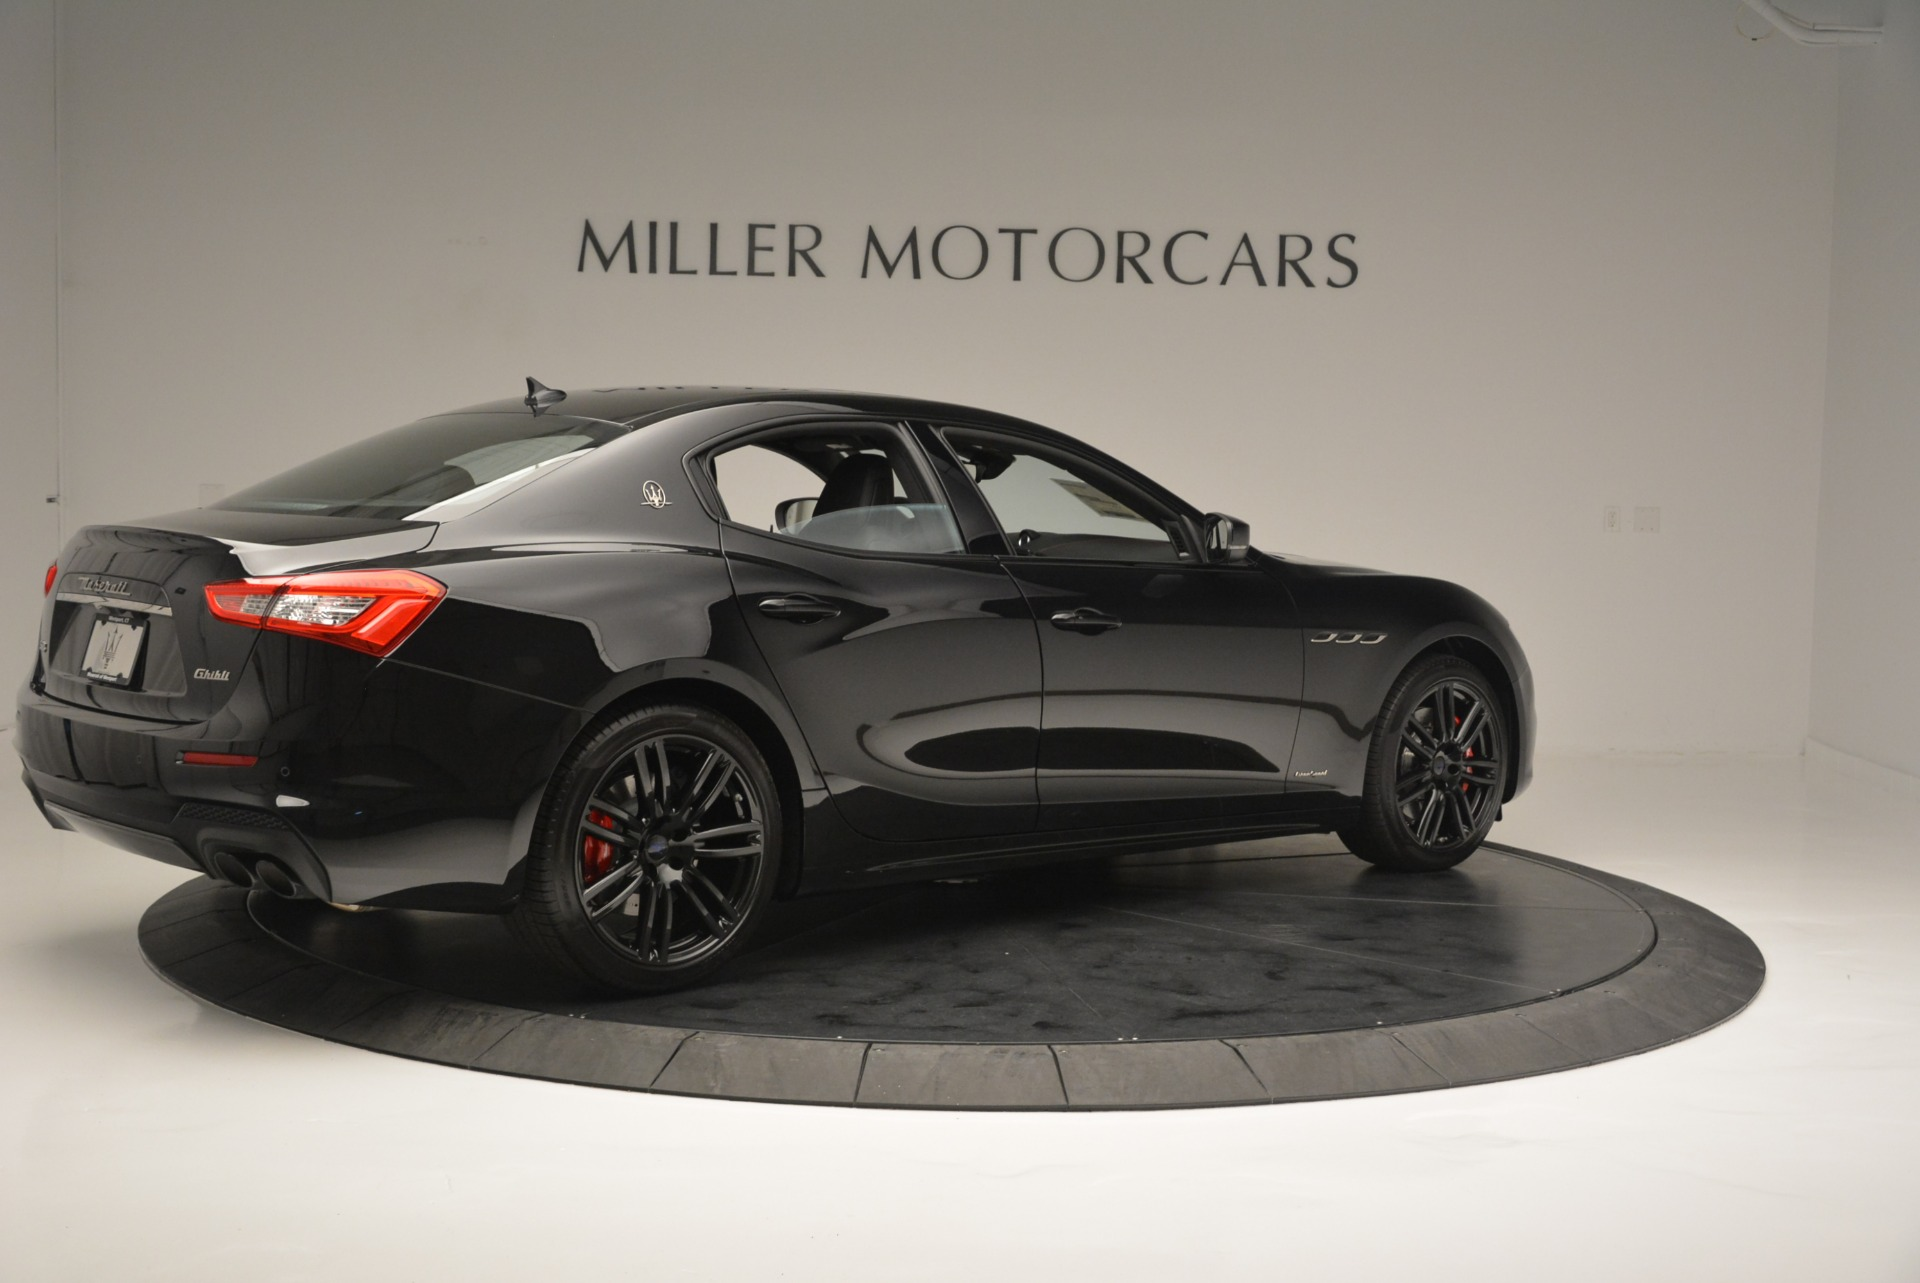 New 2018 Maserati Ghibli SQ4 GranSport Nerissimo For Sale In Greenwich, CT 2368_p8